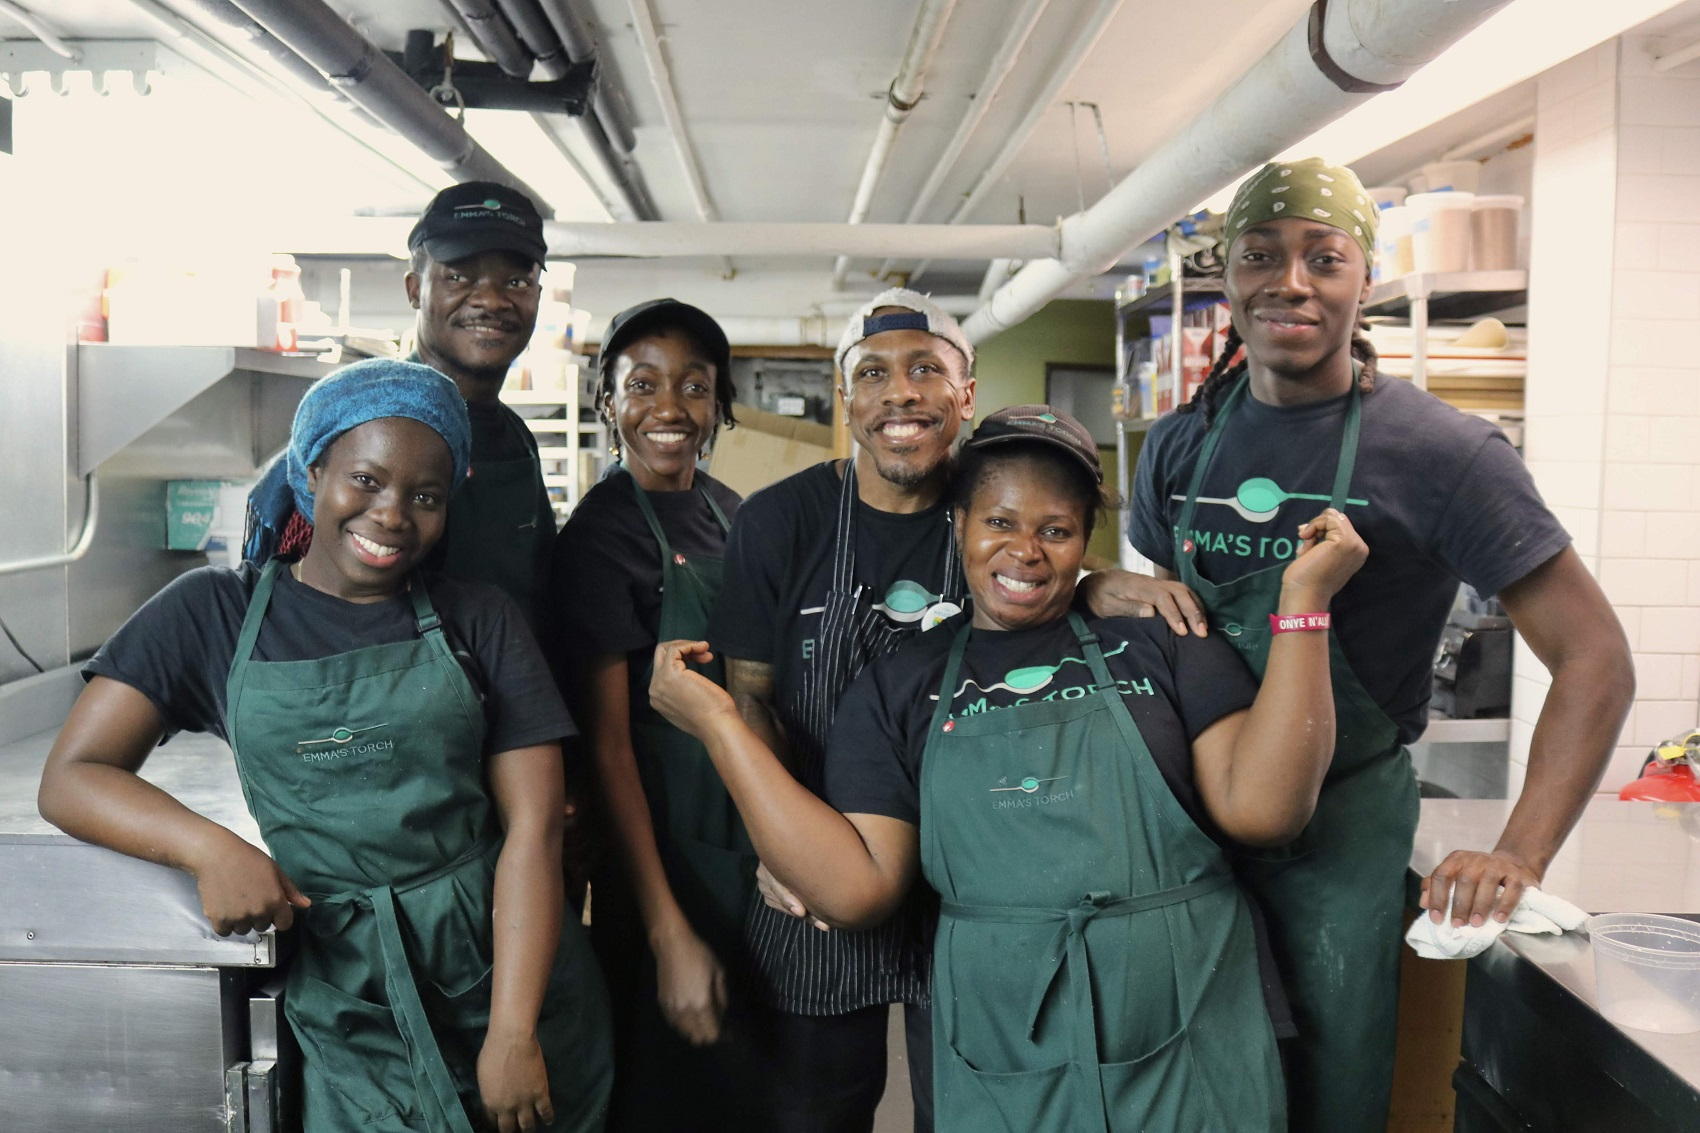 O chef Alex Harris (centro), diretor culinário da Emma's Torch e seus pupilos: escola de culinária que virou também restaurante de sucesso (Foto: Divulgação)